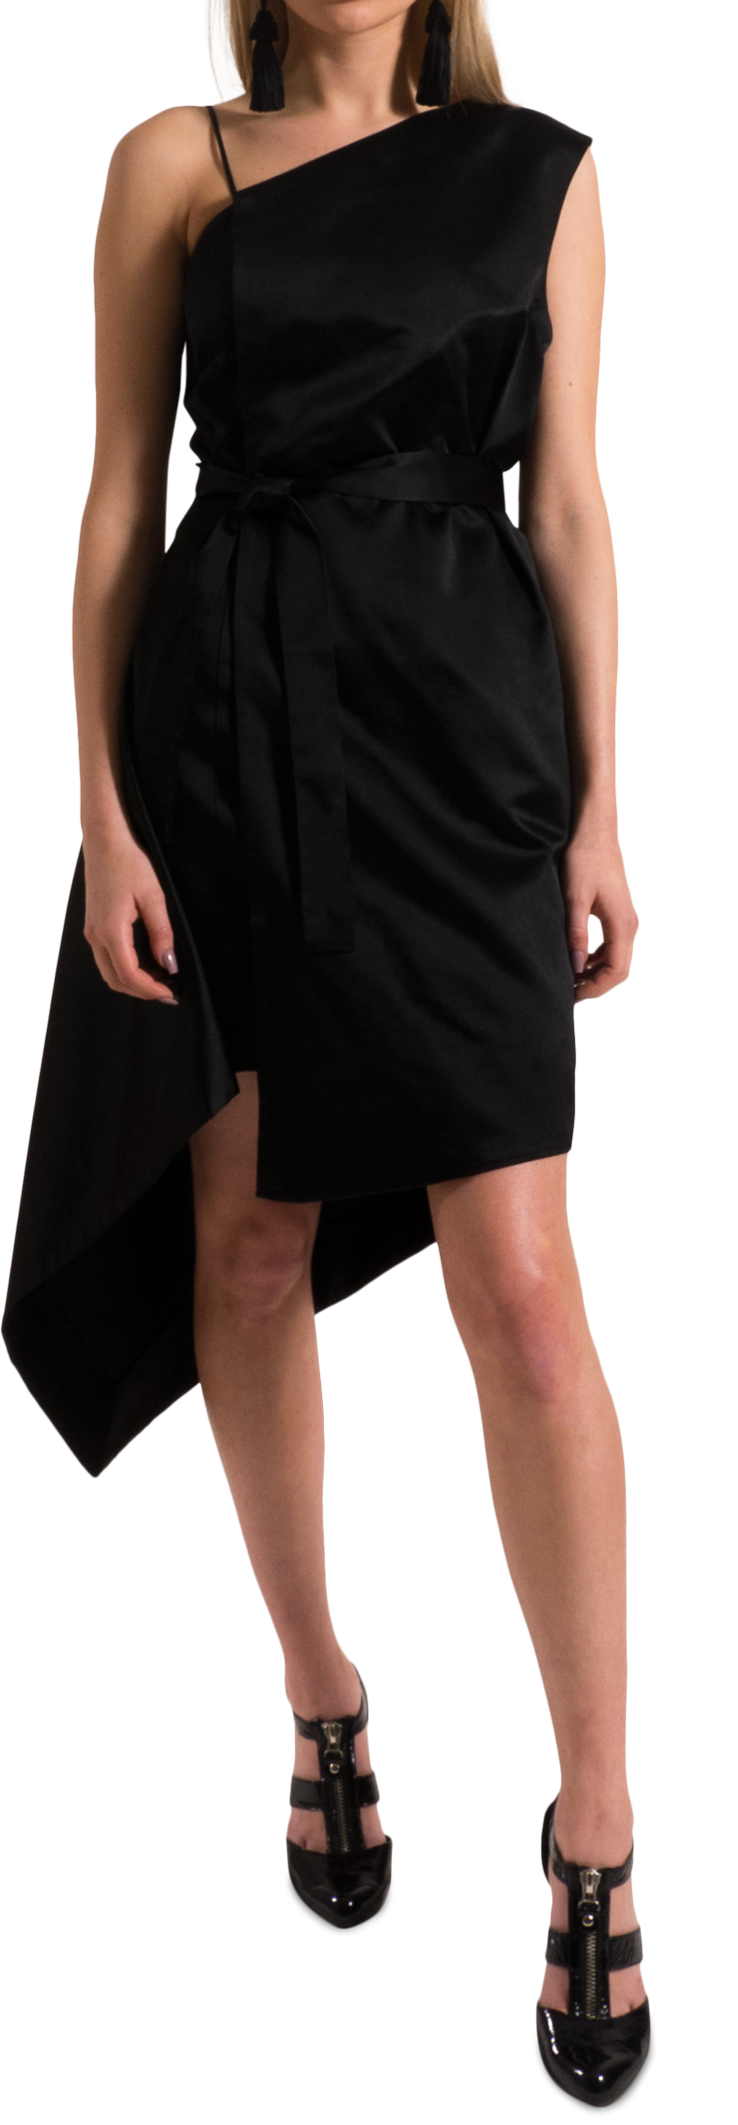 Bild 1 av Cocktail dress